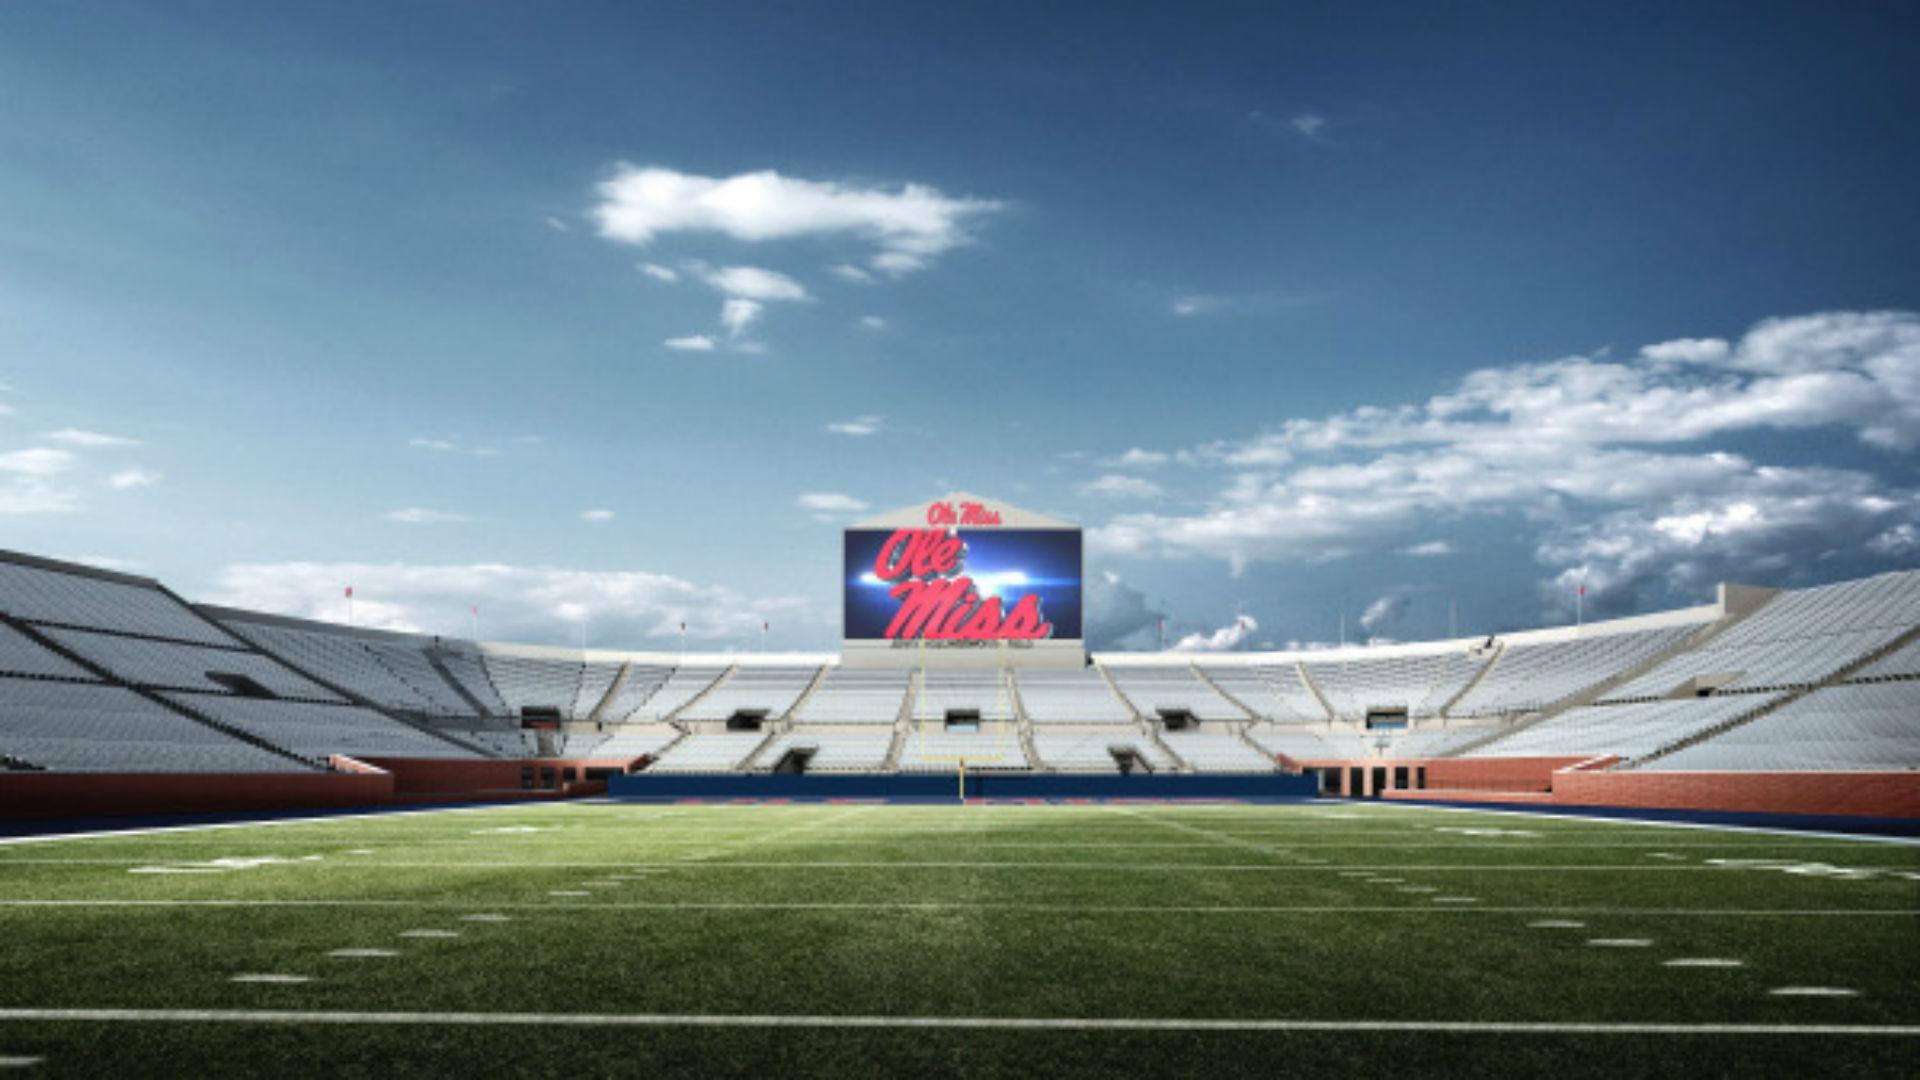 vaught-hemingway-stadium-rendering-121714-ftr.jpg